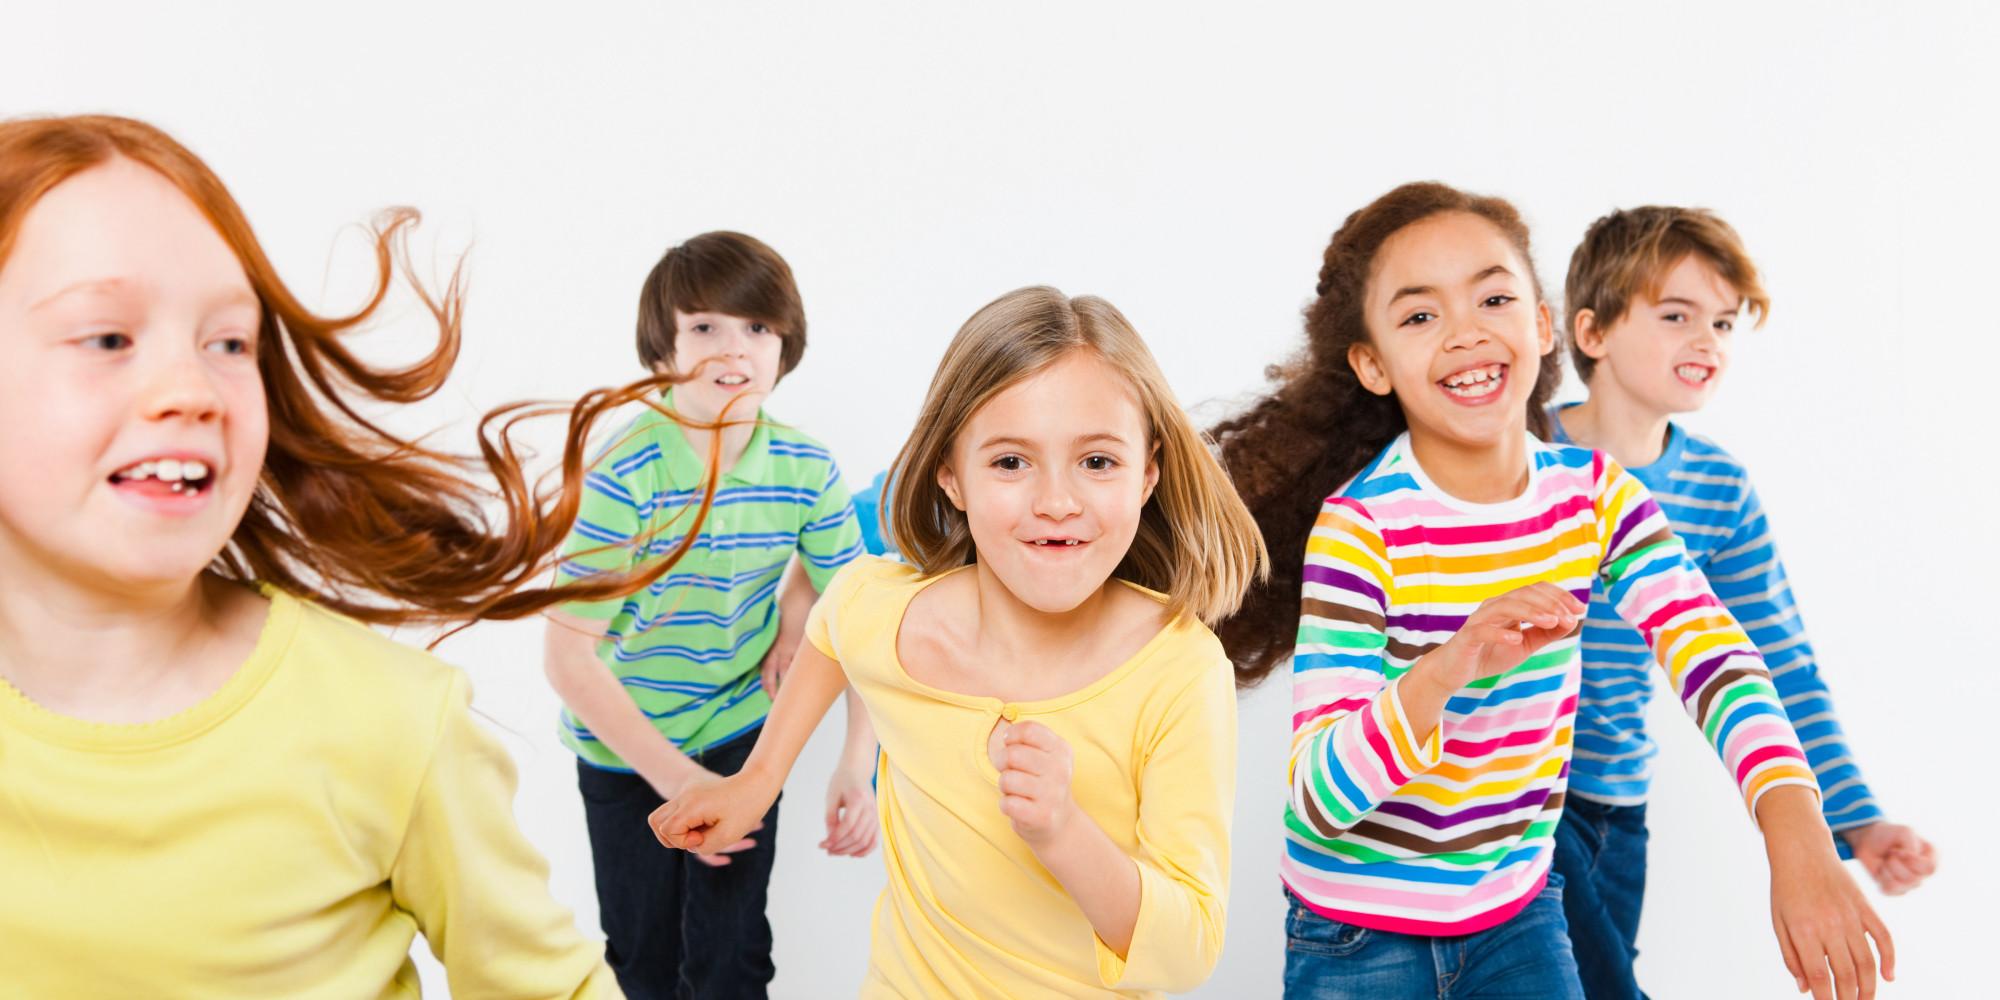 بالصور احدث صور للاطفال , اجمل لقطات لاحباب الله 405 5